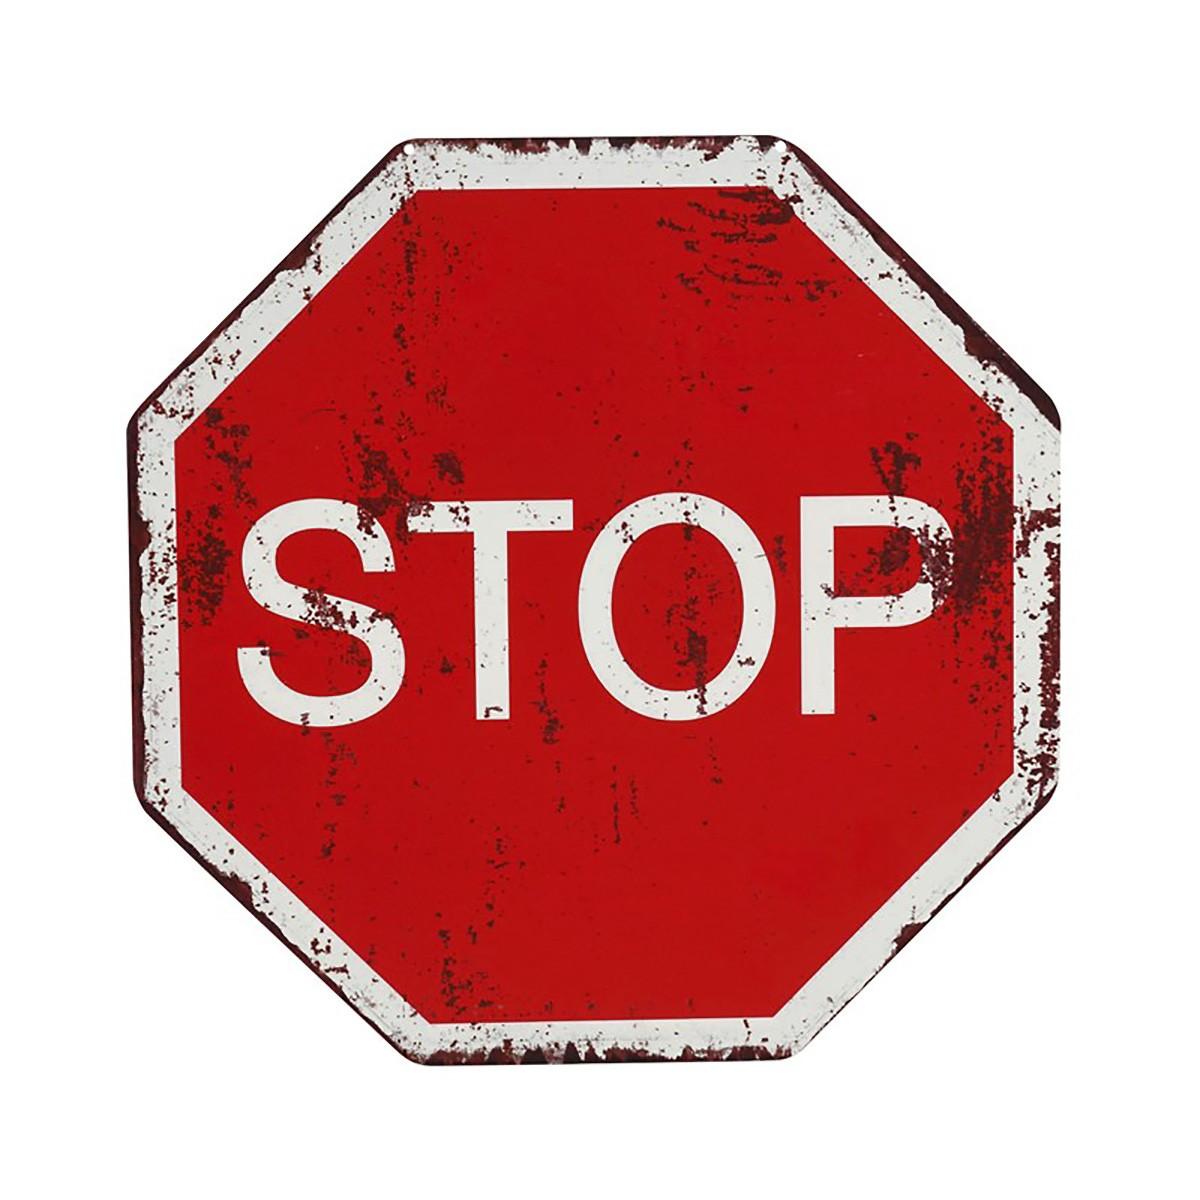 Διακοσμητική Ταμπέλα Espiel Stop LOG409